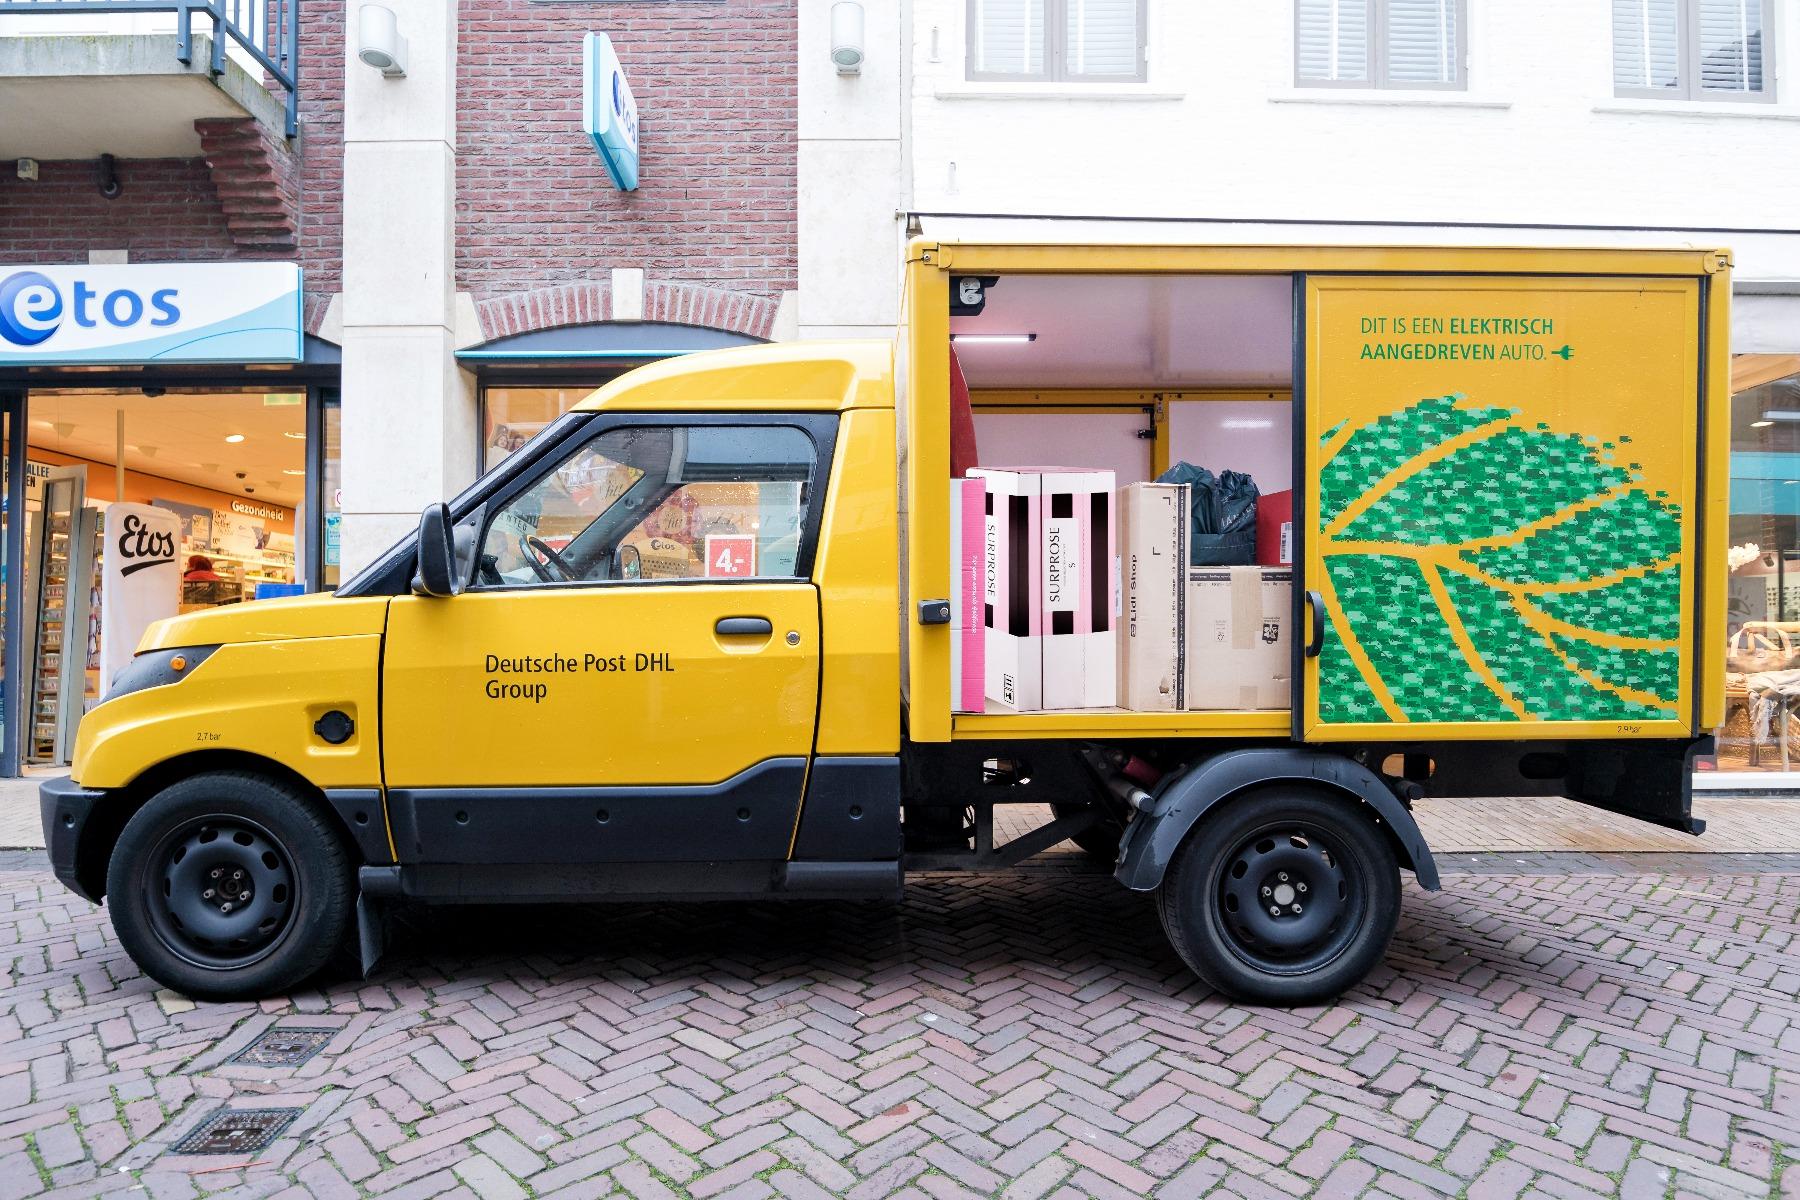 DHL-transport-surprose